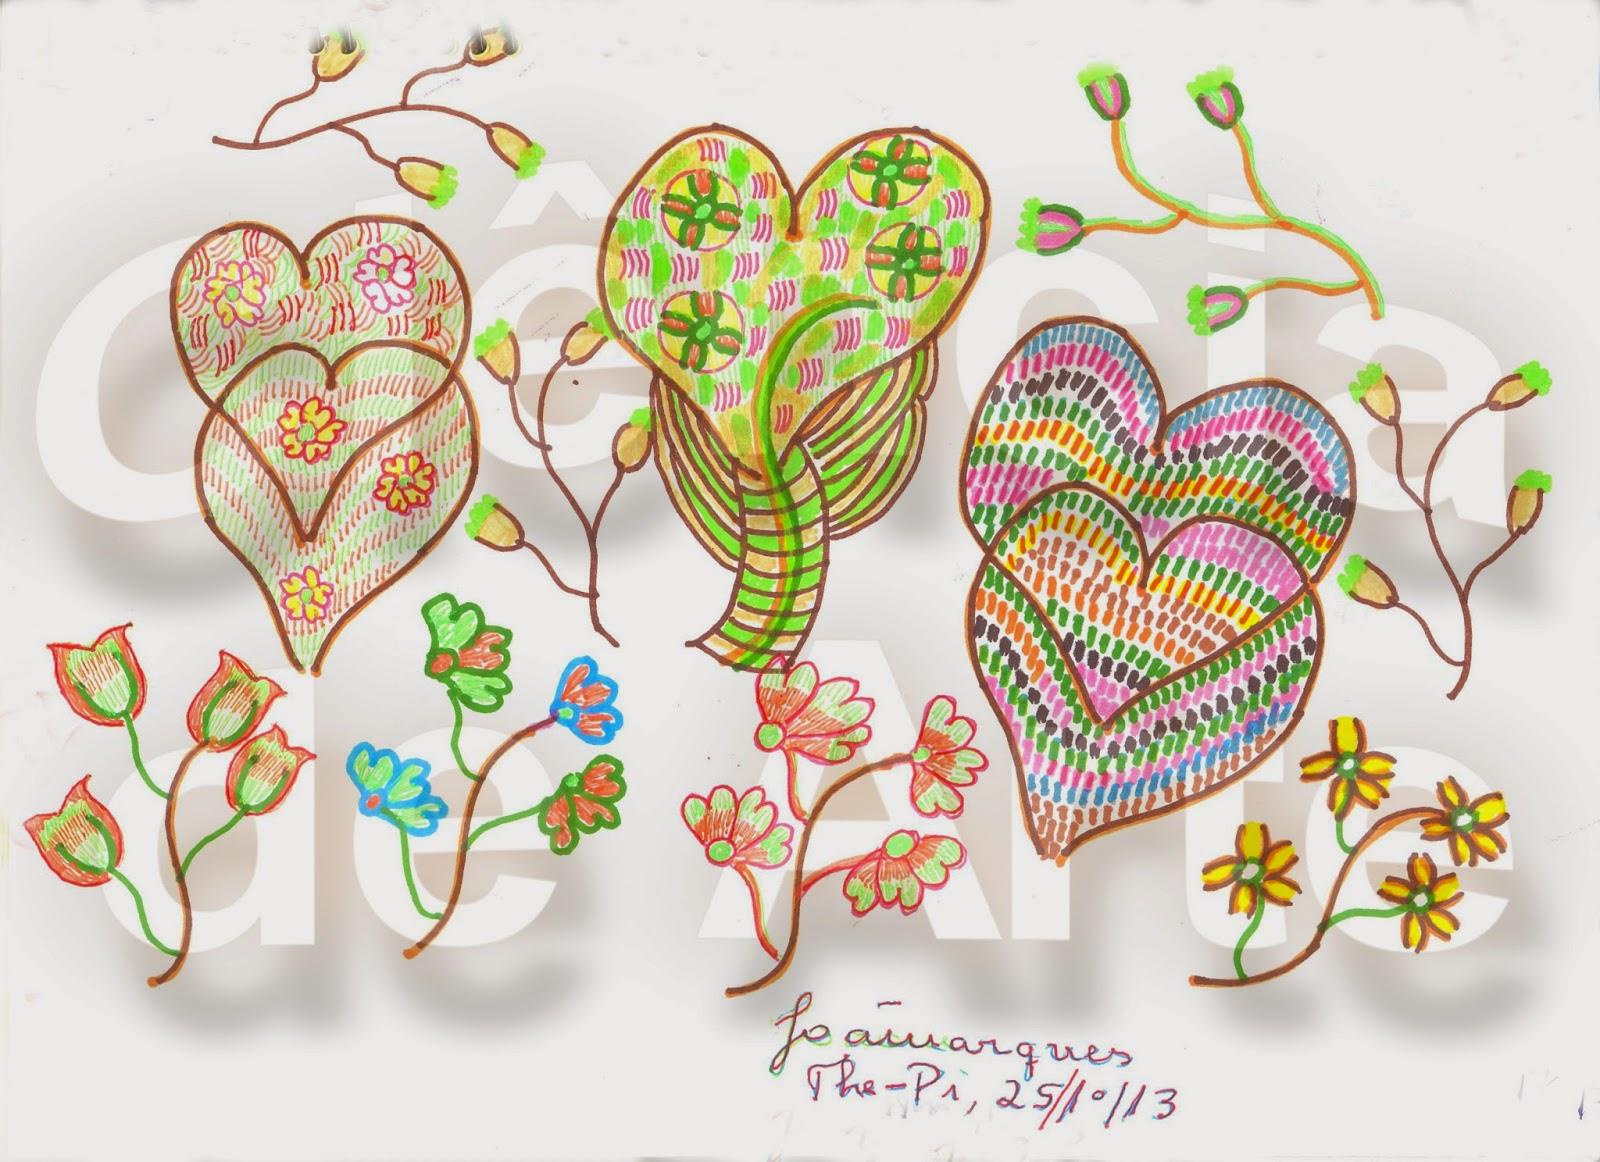 Desenho De Coracao Grande Para Imprimir: Desenho De Coração Grande, Pulsante E Apaixonado